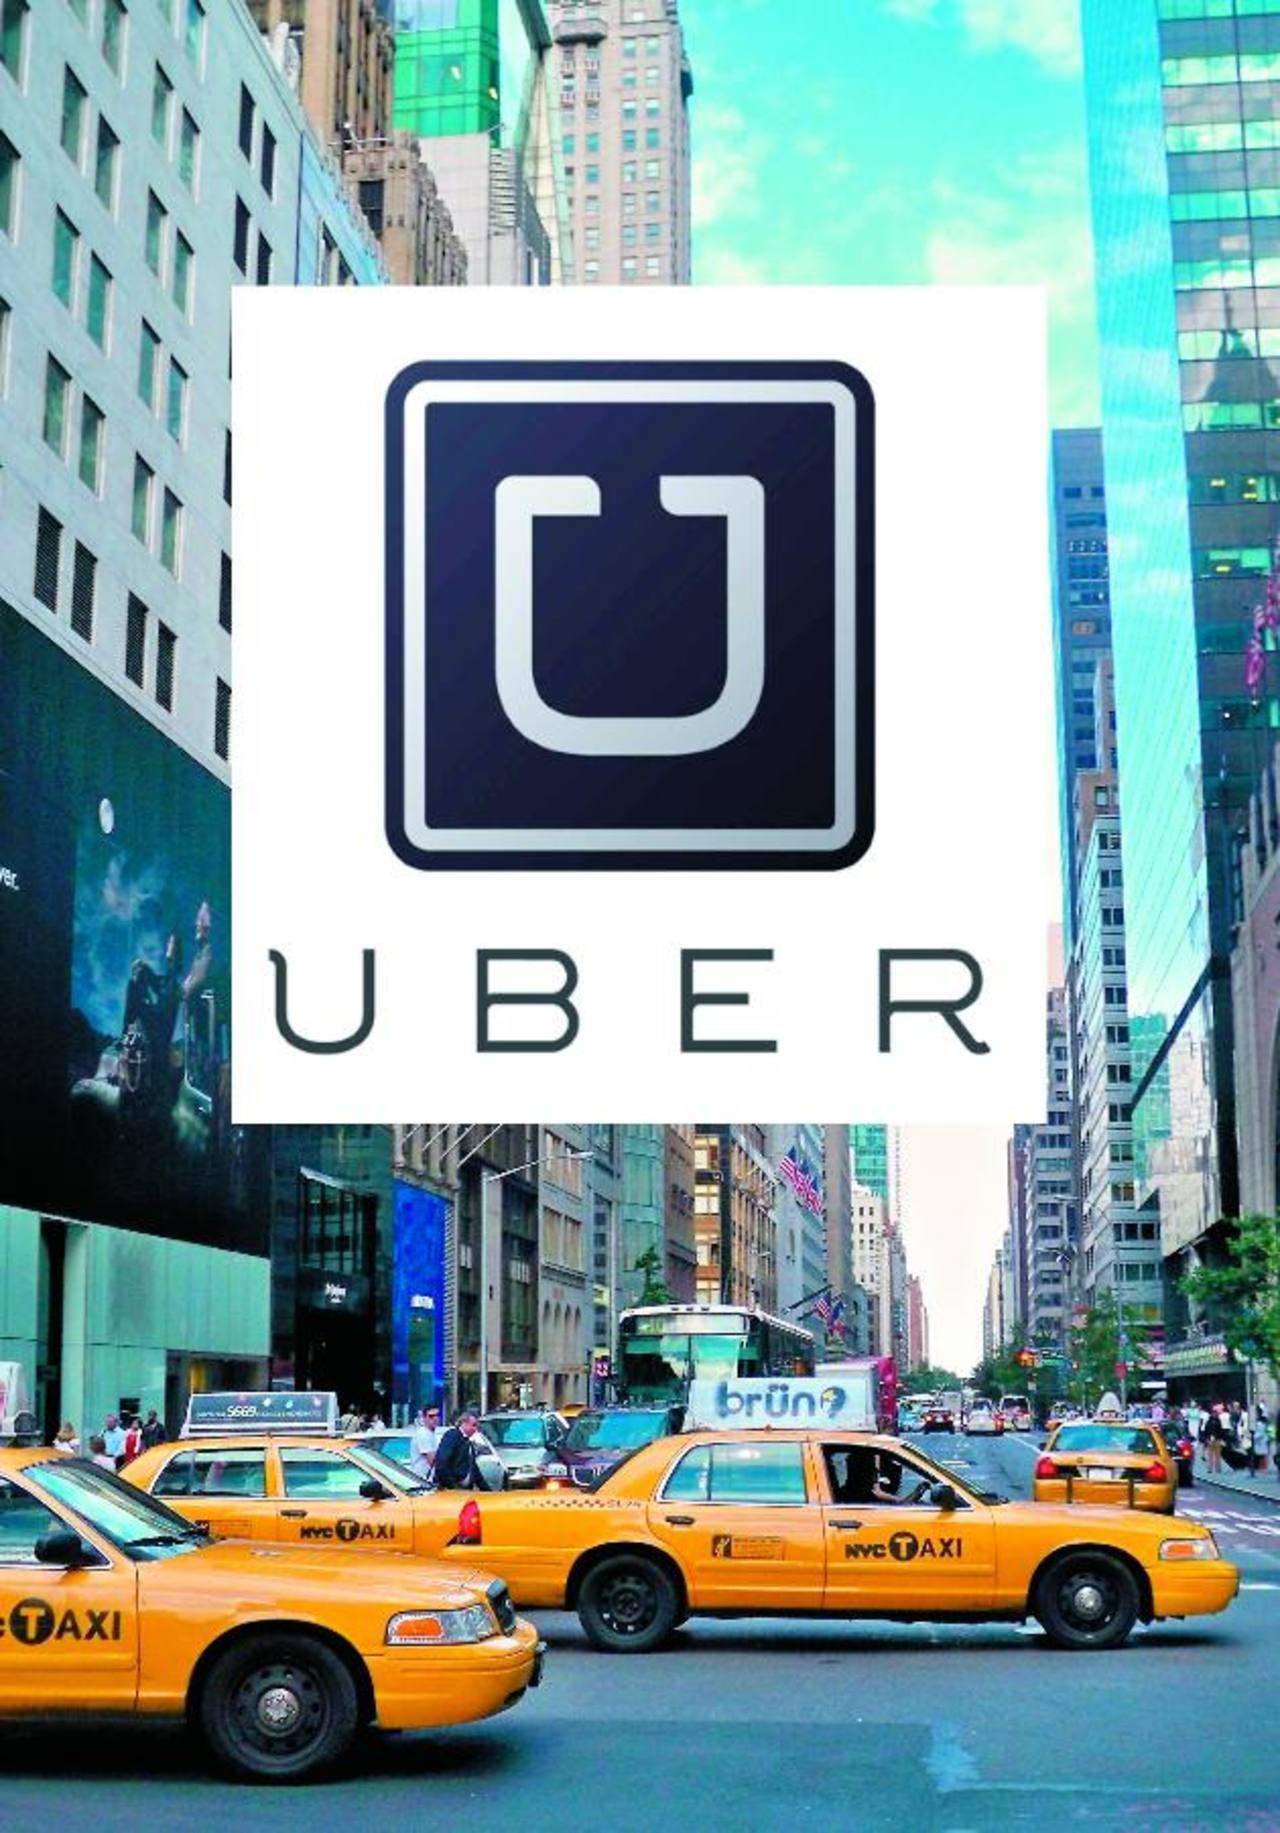 La aplicación Uber permite solicitar servicio de taxi y transporte de lujo en Estados Unidos y otros países.